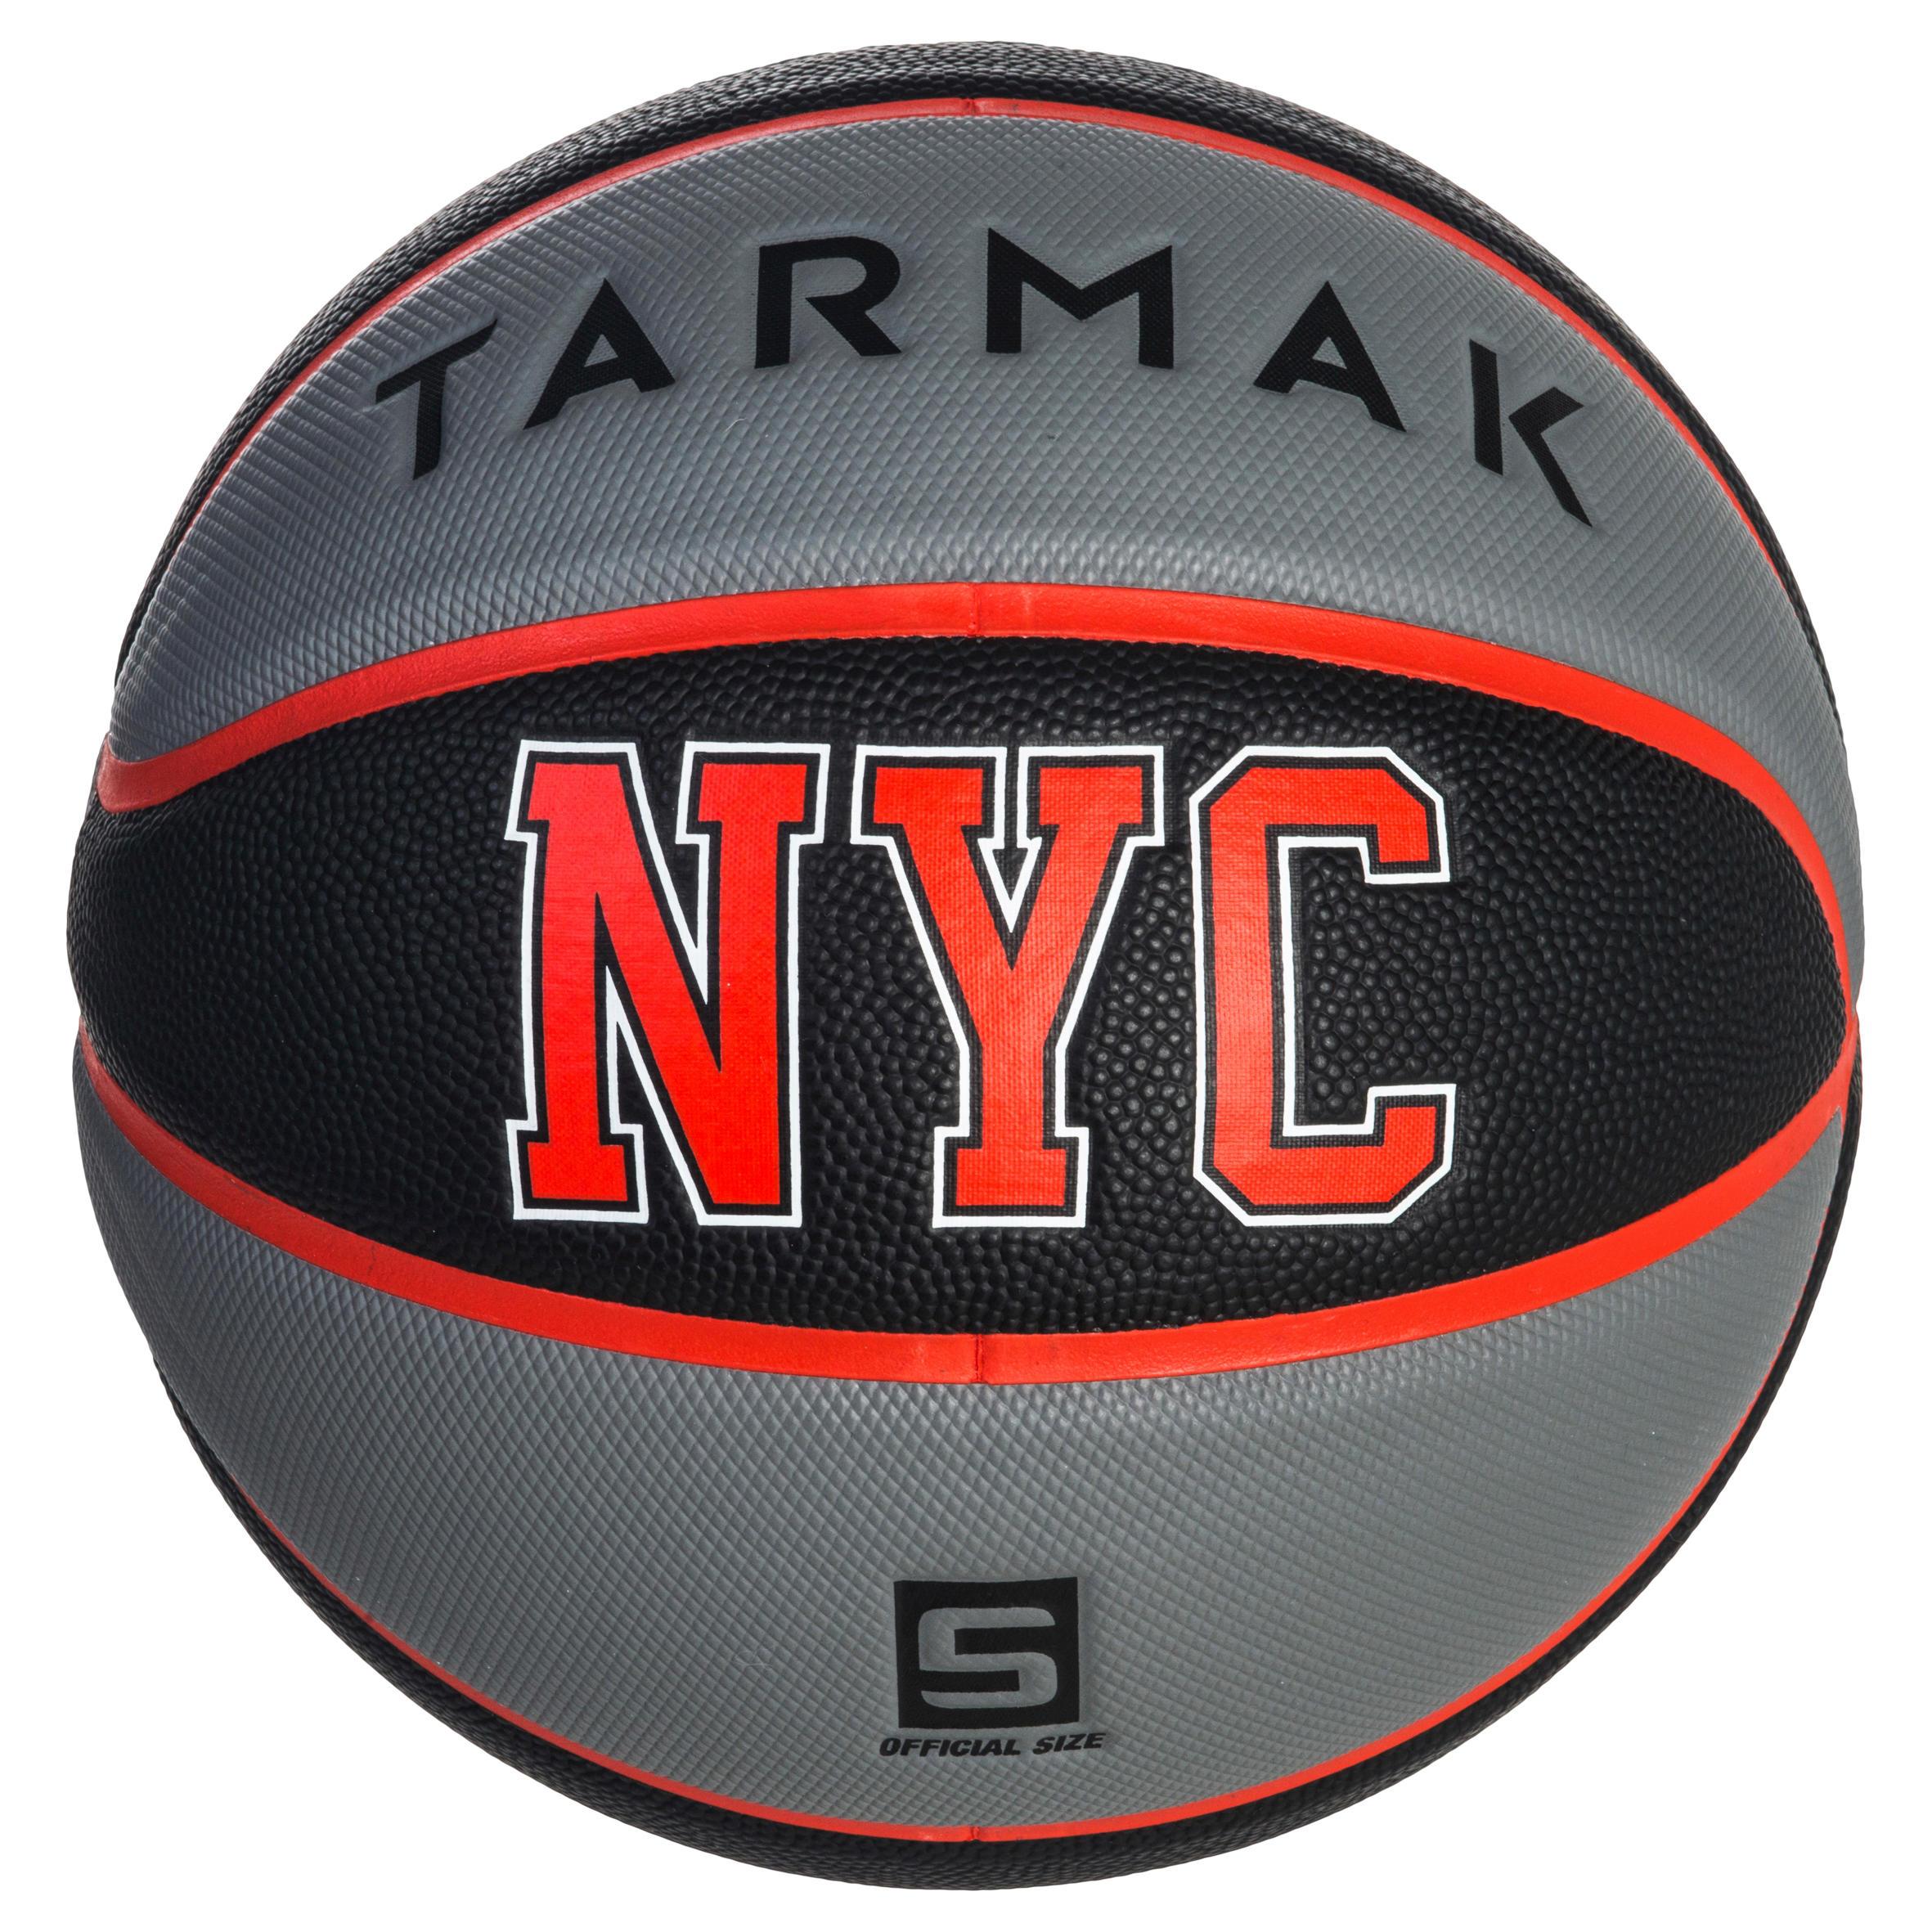 Tarmak Basketbal Wizzy voor kinderen maat 5 Wizzy Playground blauw-oranje. Tot 10 jaar.